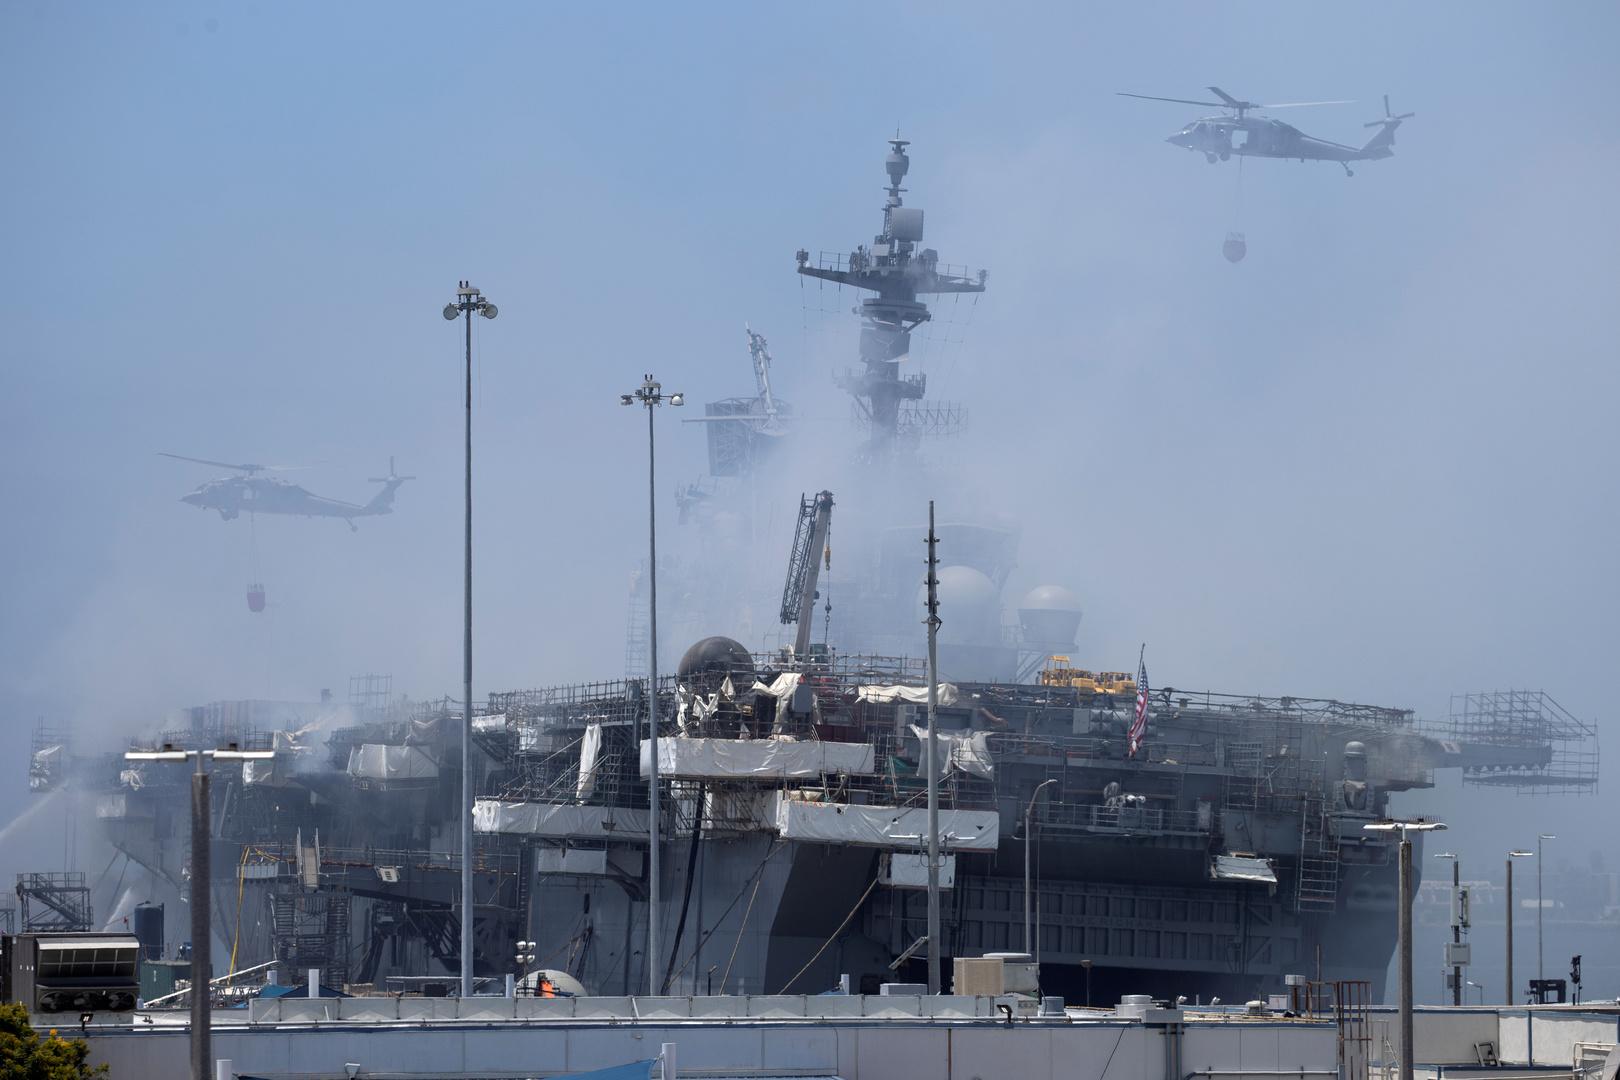 الحريق على السفينة العملاقة يكشف علامات انهيار البحرية الأمريكية